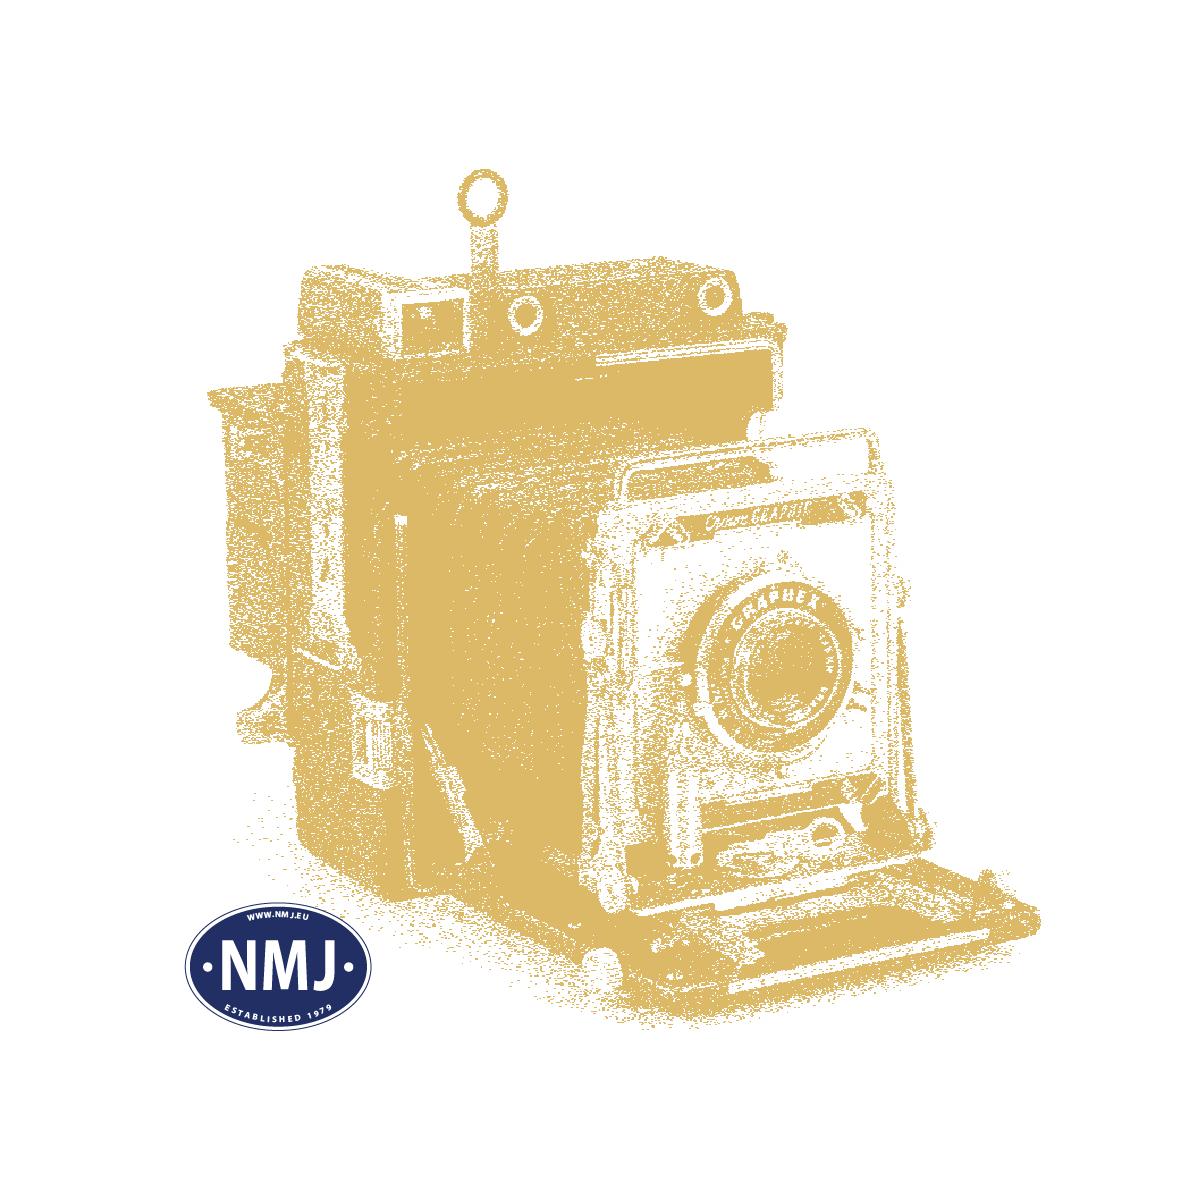 NMJT105.990 - NMJ Topline DCC Innenbeleuchtungsset für alle NSB B3 Wagen